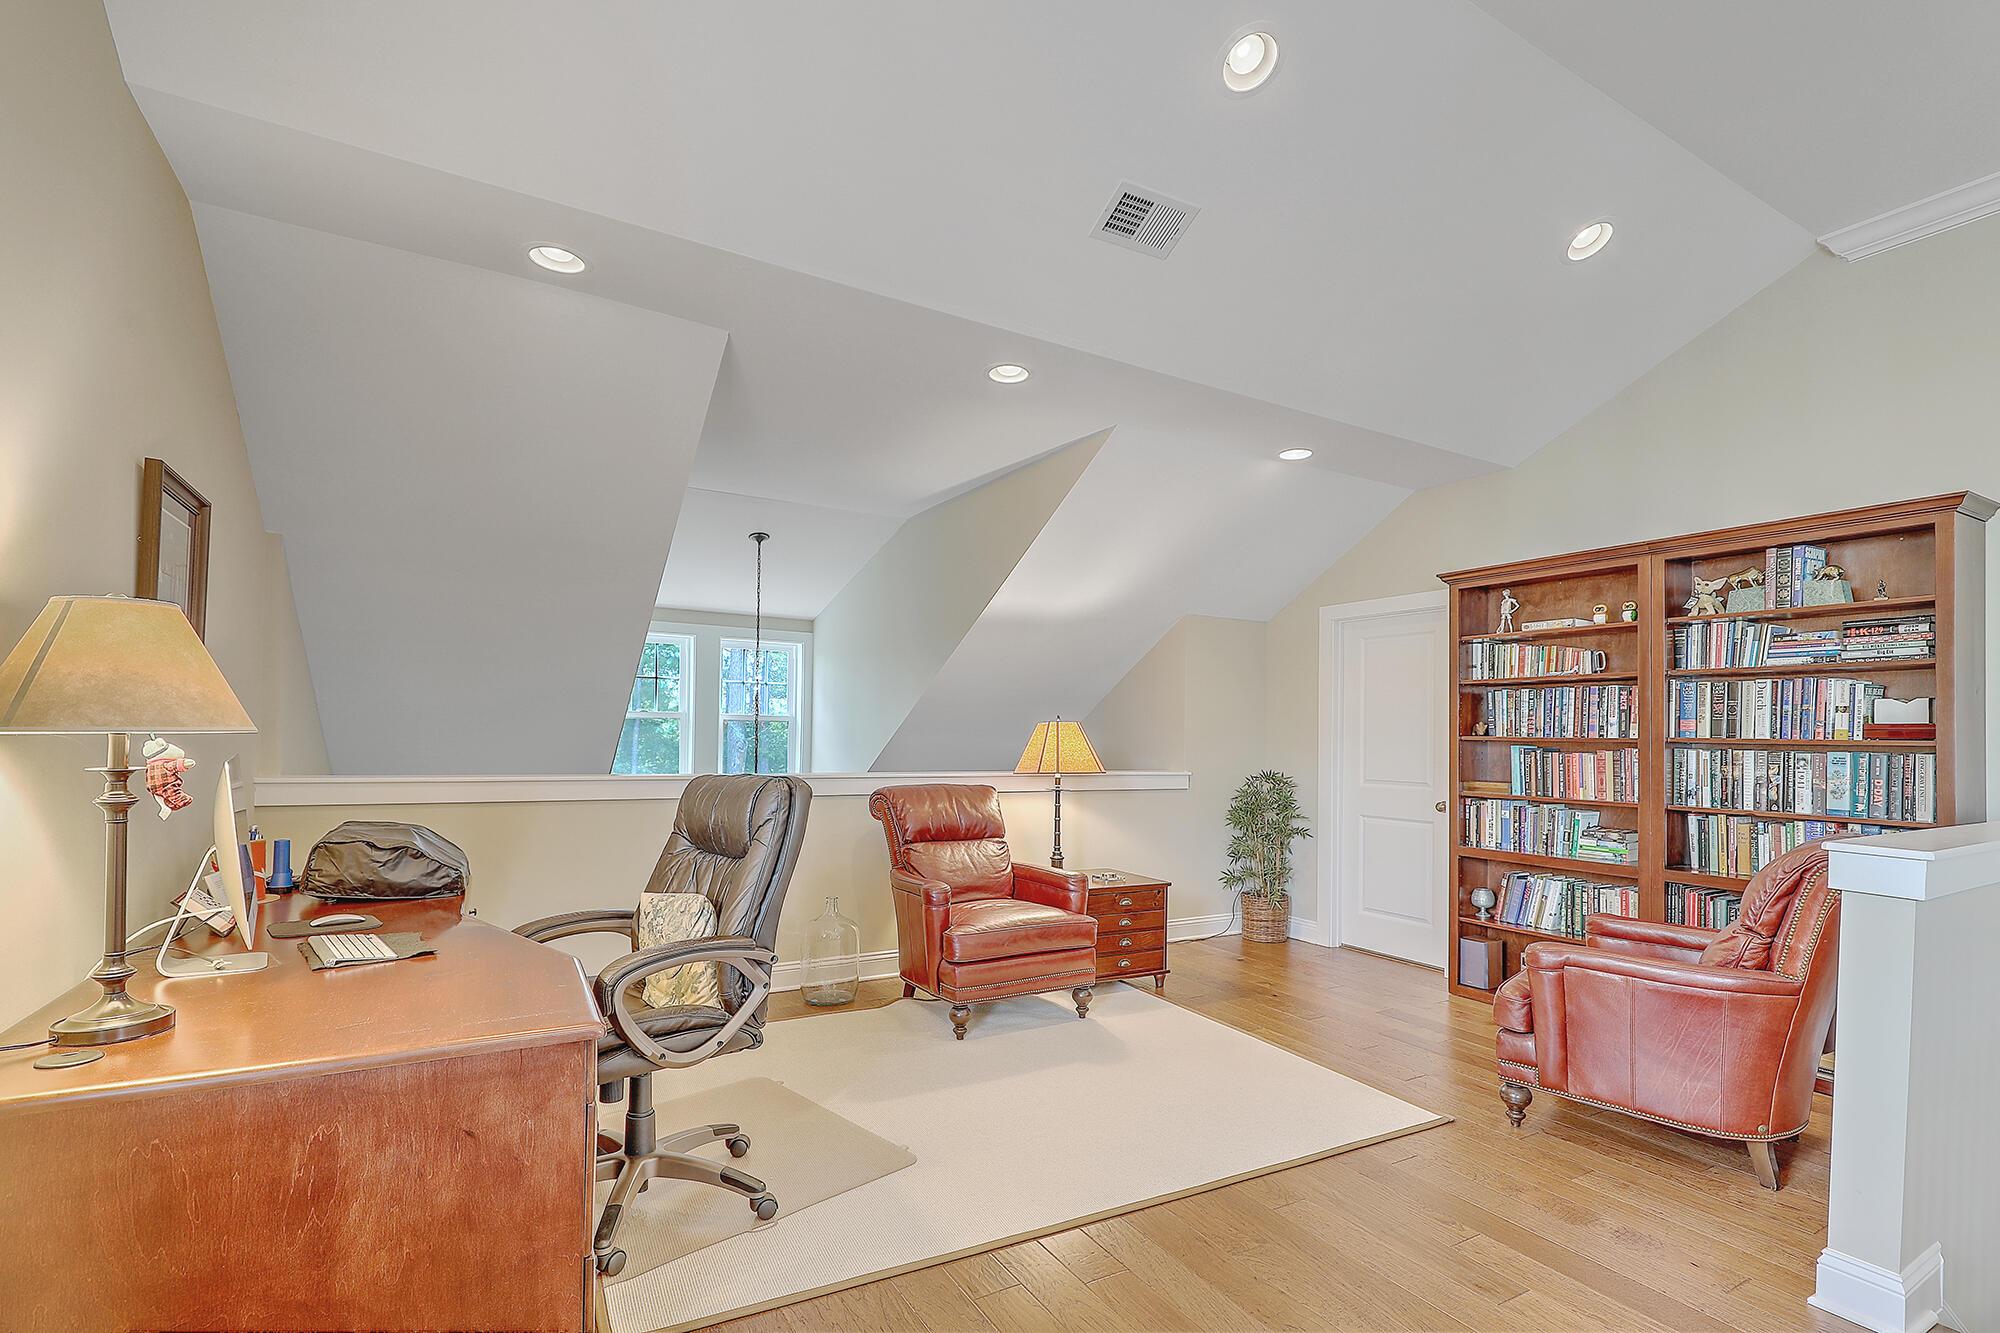 Dunes West Homes For Sale - 3171 Sturbridge, Mount Pleasant, SC - 42